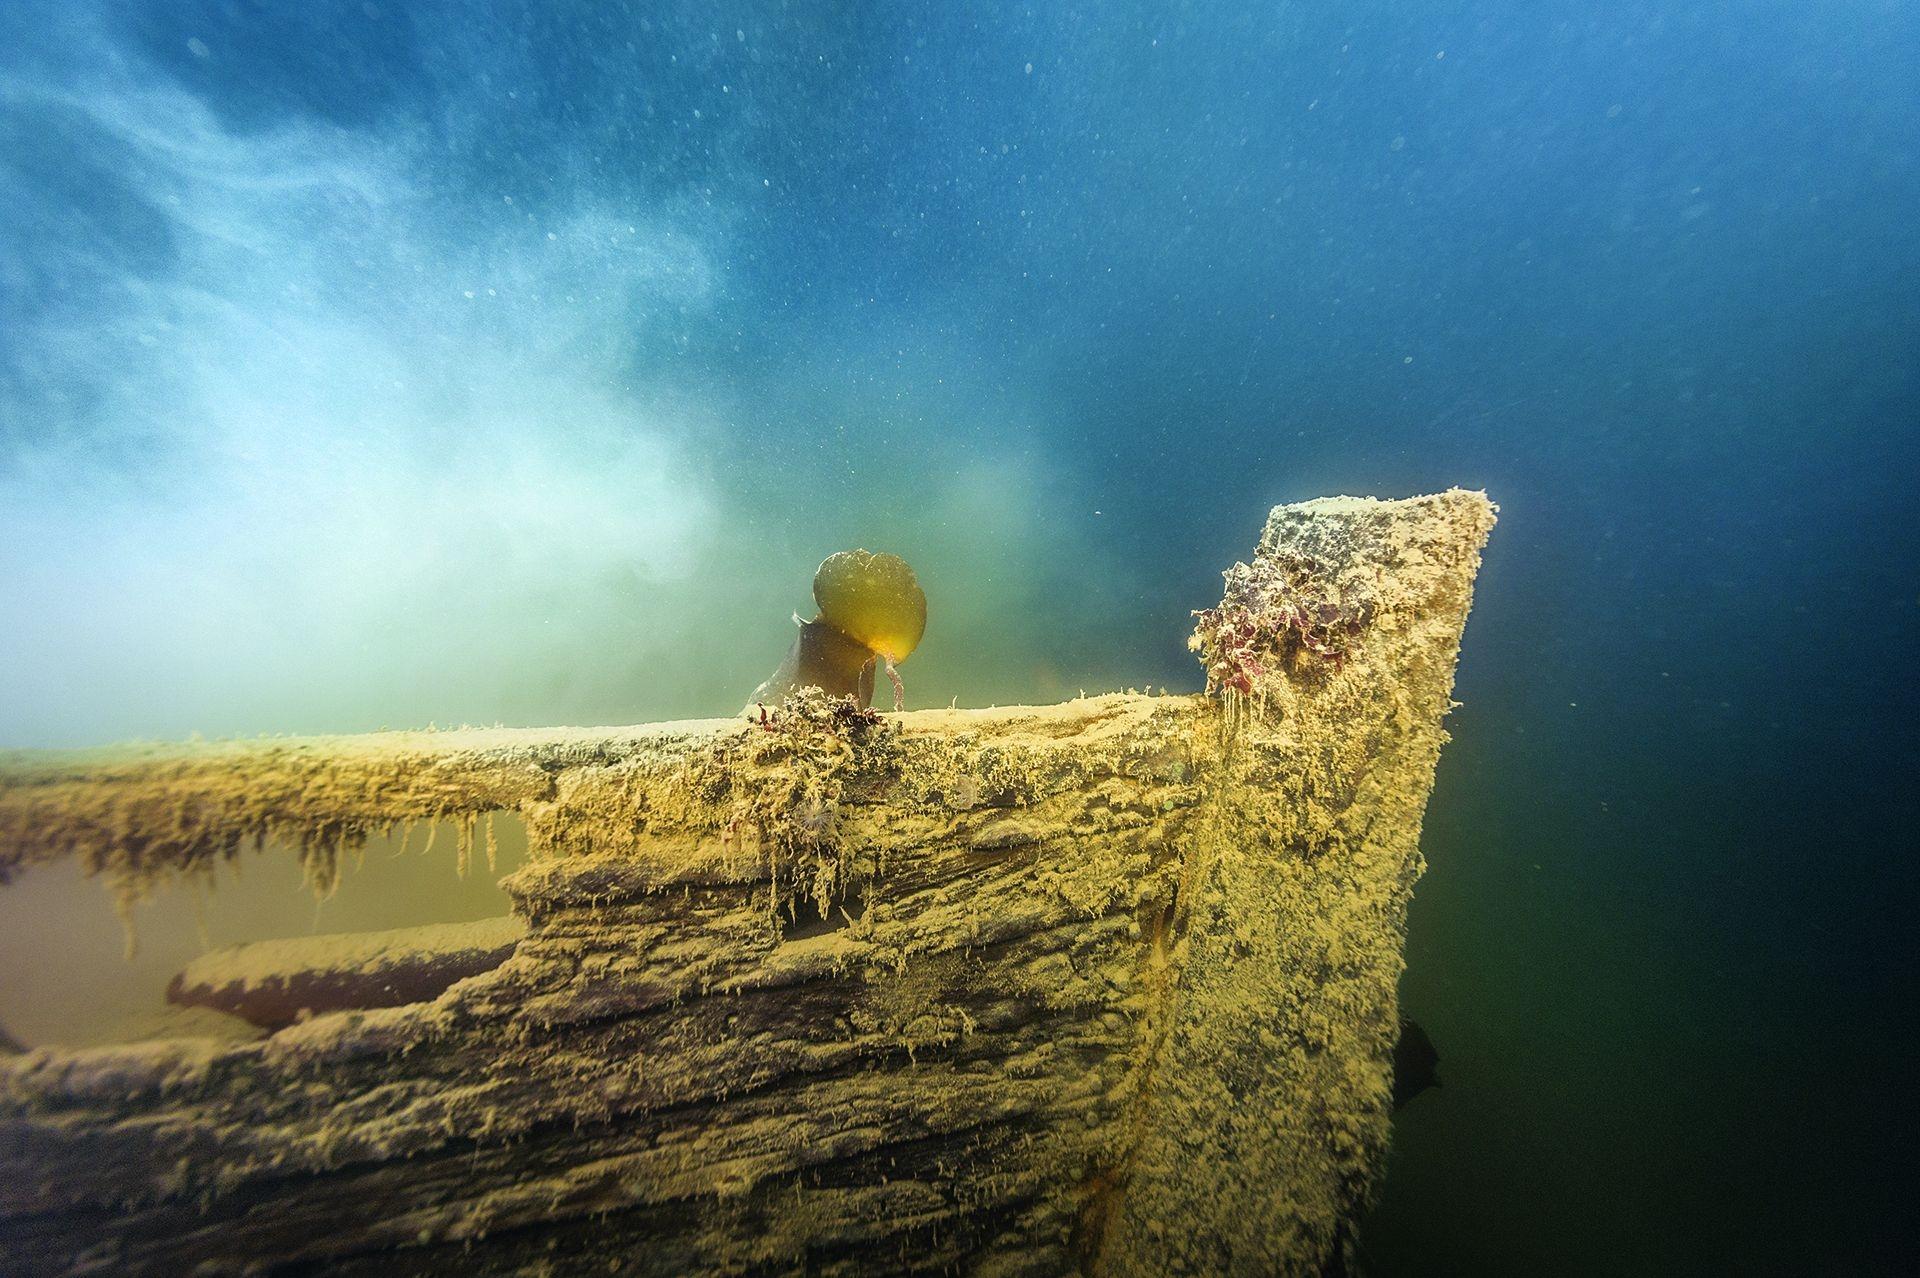 2016年,在加拿大北極地區的威廉國王島外海找到了恐怖號,這是遇難的富蘭克林探險隊兩艘失事船的其中一艘。圖中這艘小型探險船隨著恐怖號一起沉入海底,靜臥在距離母船不遠的海床上。THIERRY BOYER, PARKS CANADA